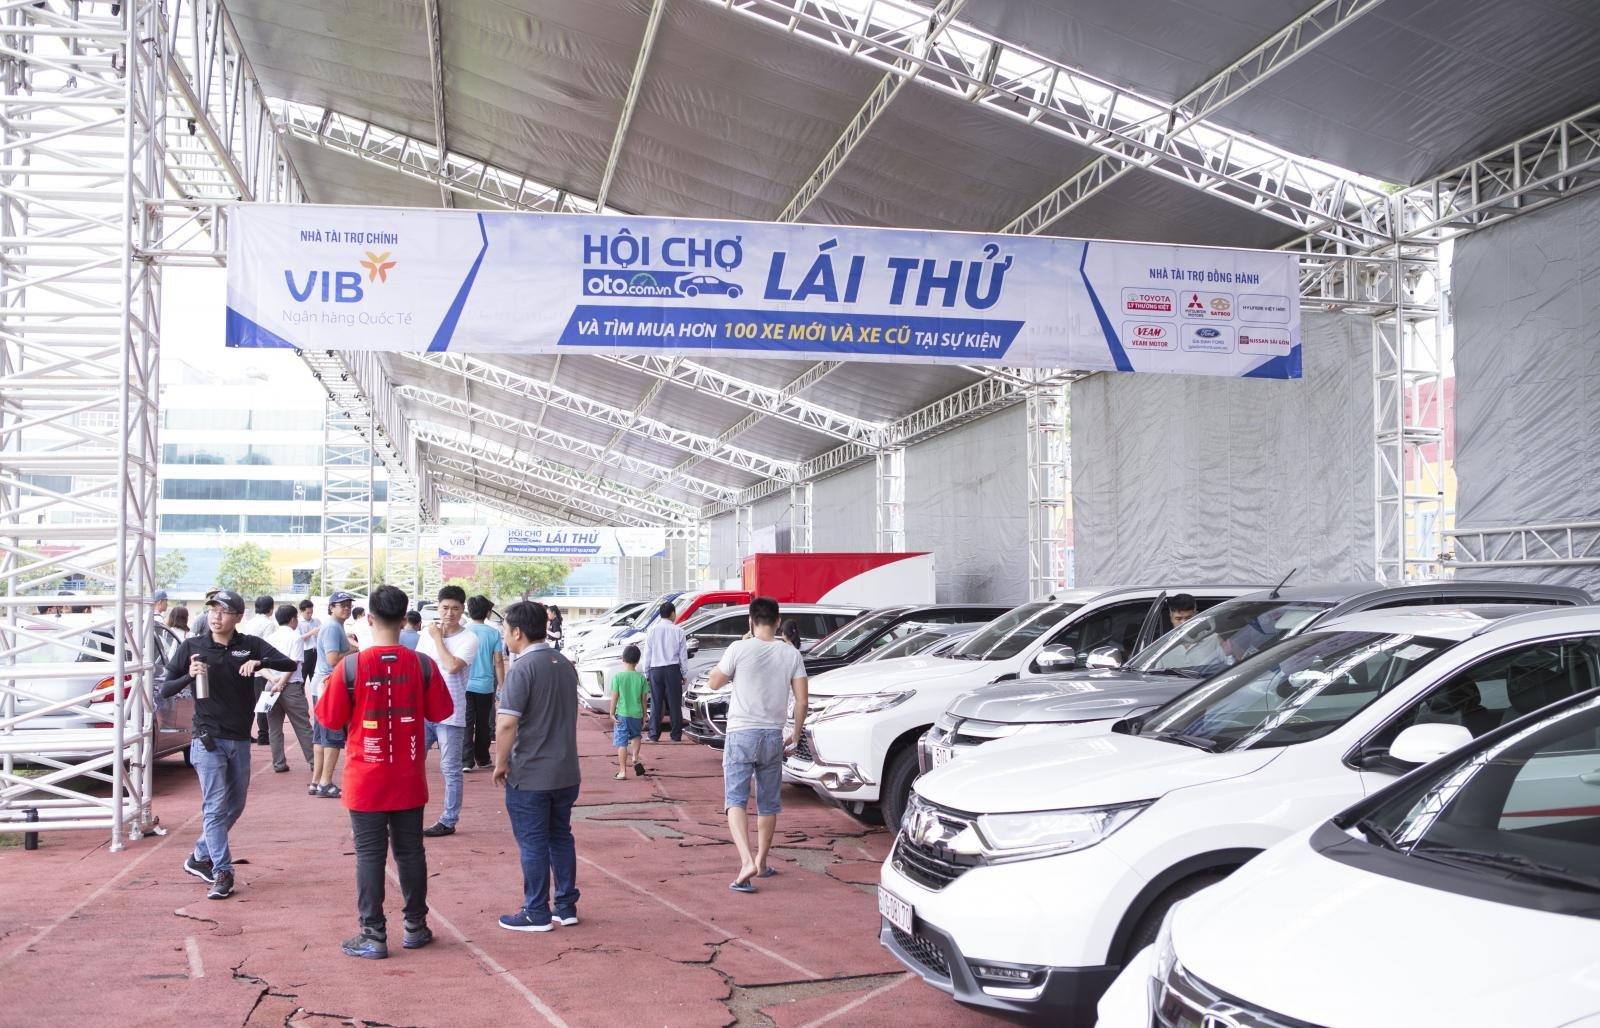 Thái Lan là thị trường cung cấp ô tô nhập khẩu lớn nhất tại Việt Nam suốt nửa năm 2019 a1